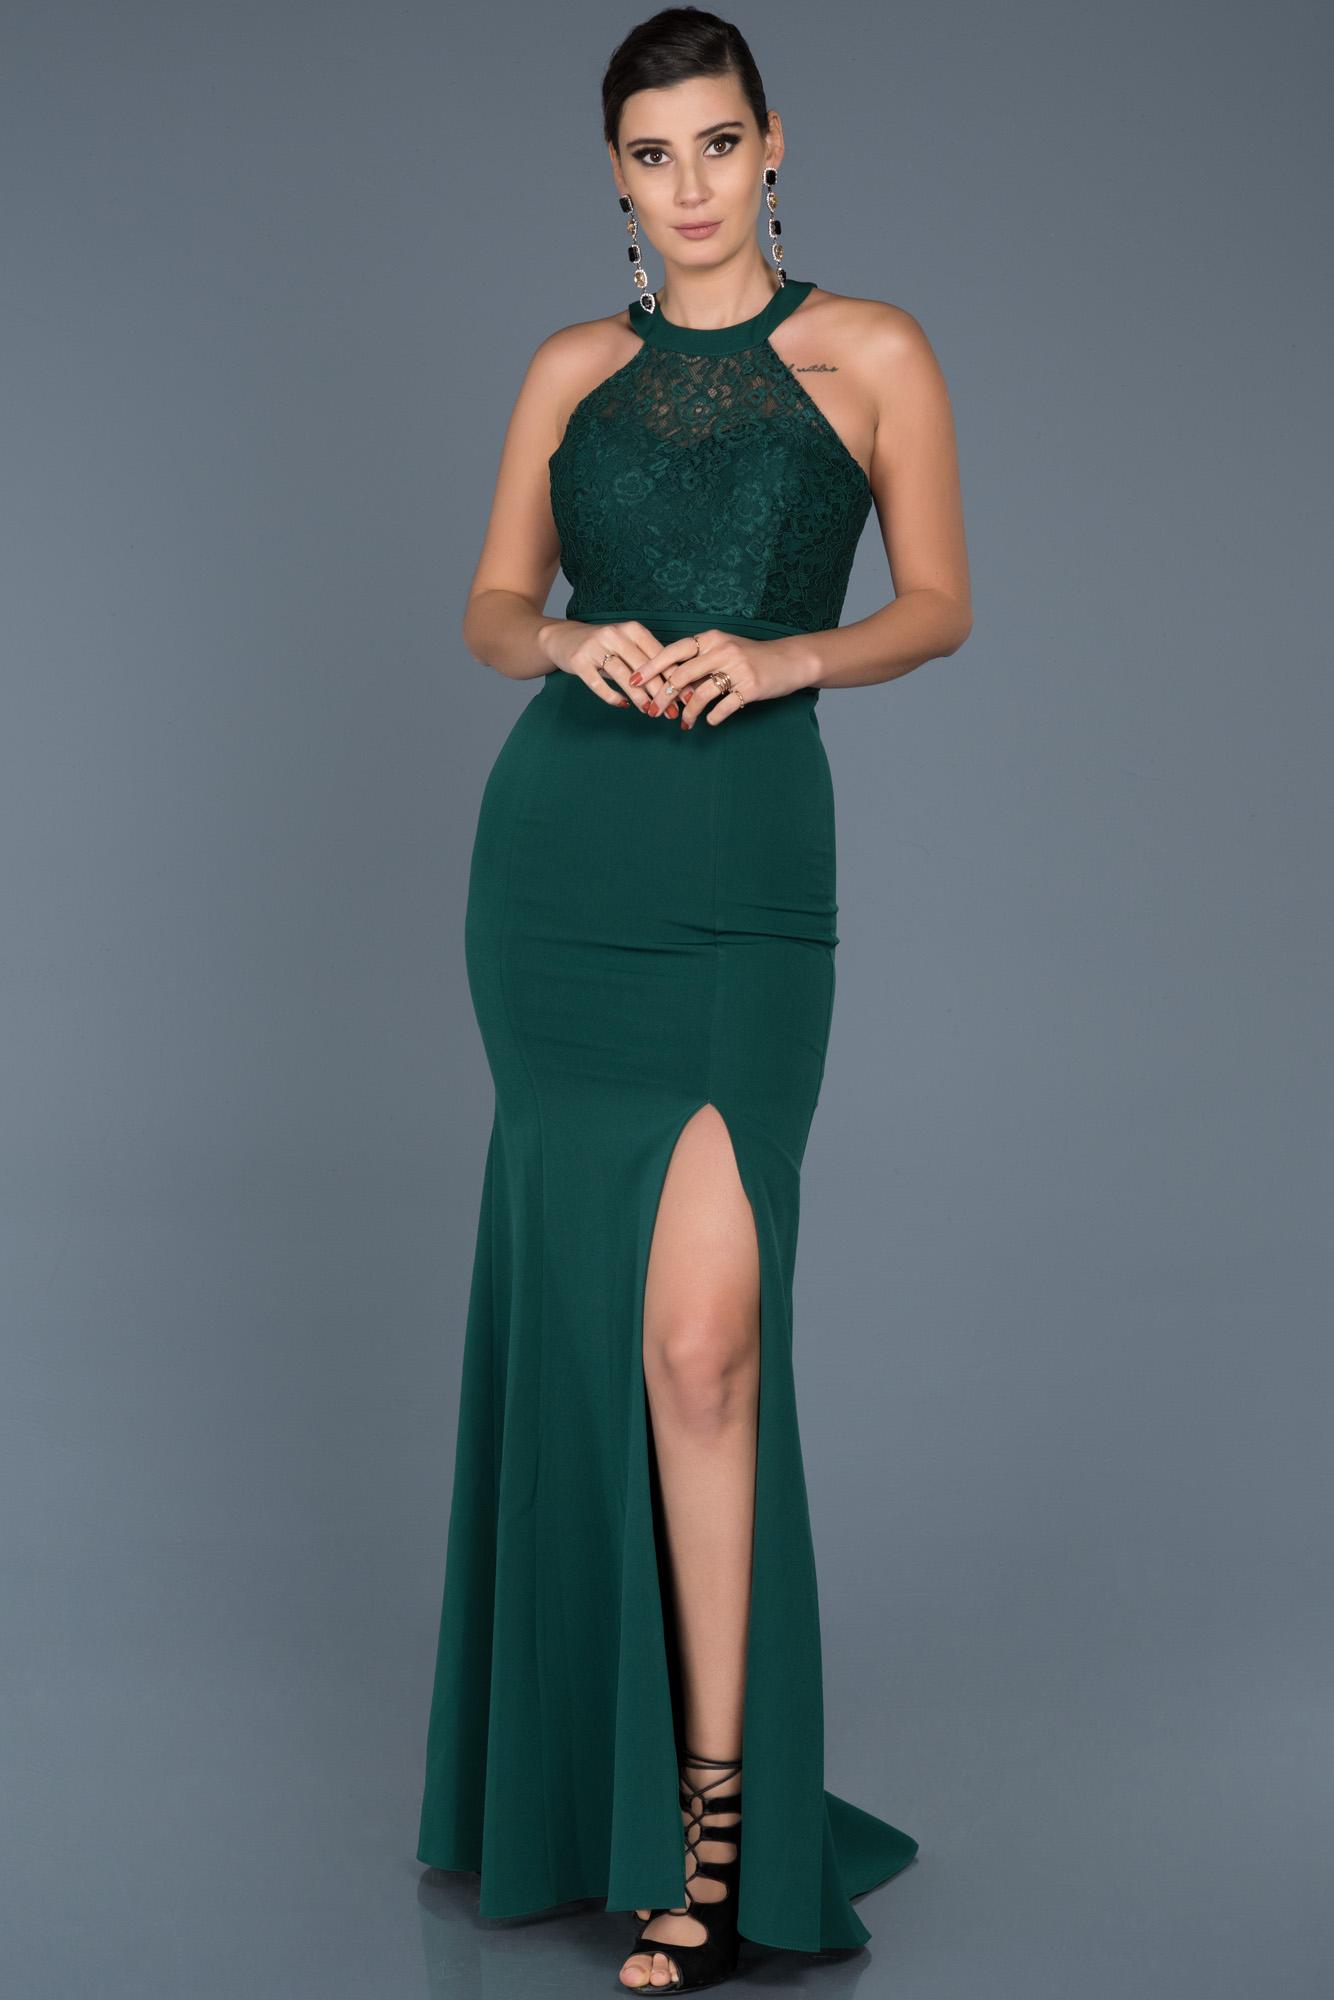 Zümrüt Yeşili Uzun Bacak Dekolteli Abiye Elbise